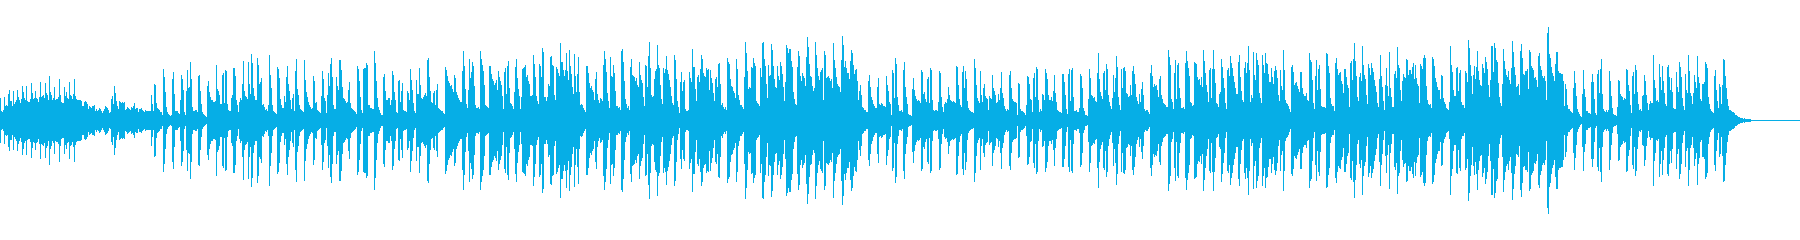 なんだろう?→のんきM→チャンチャンの再生済みの波形